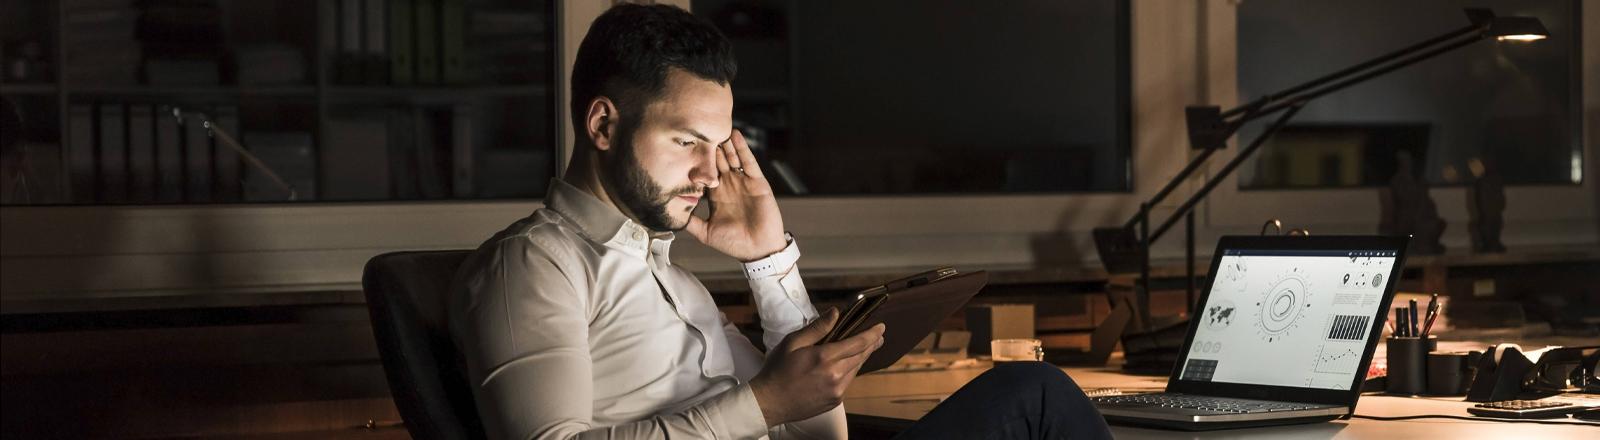 Mann sitzt mit Tablet am Schreibtisch - vor ihm auf dem Tisch der Laptop.